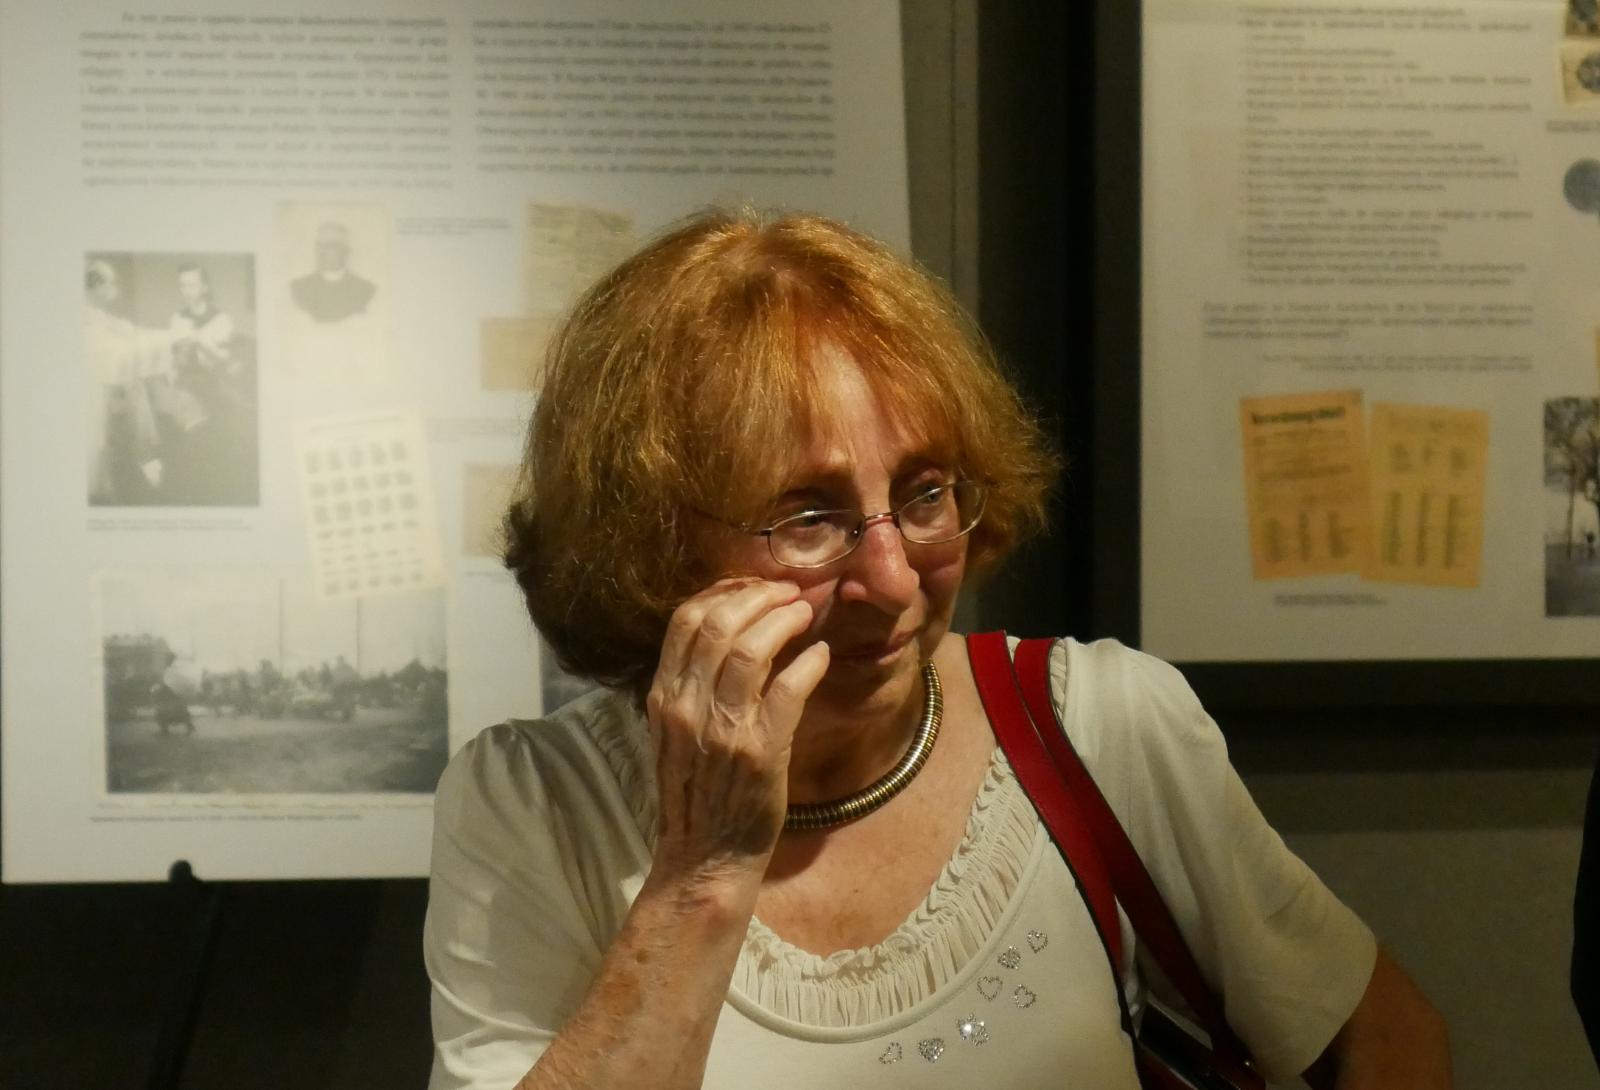 Renata Frenkel uchwycona na zdjęciu w Muzeum Polaków Ratujących Żydów